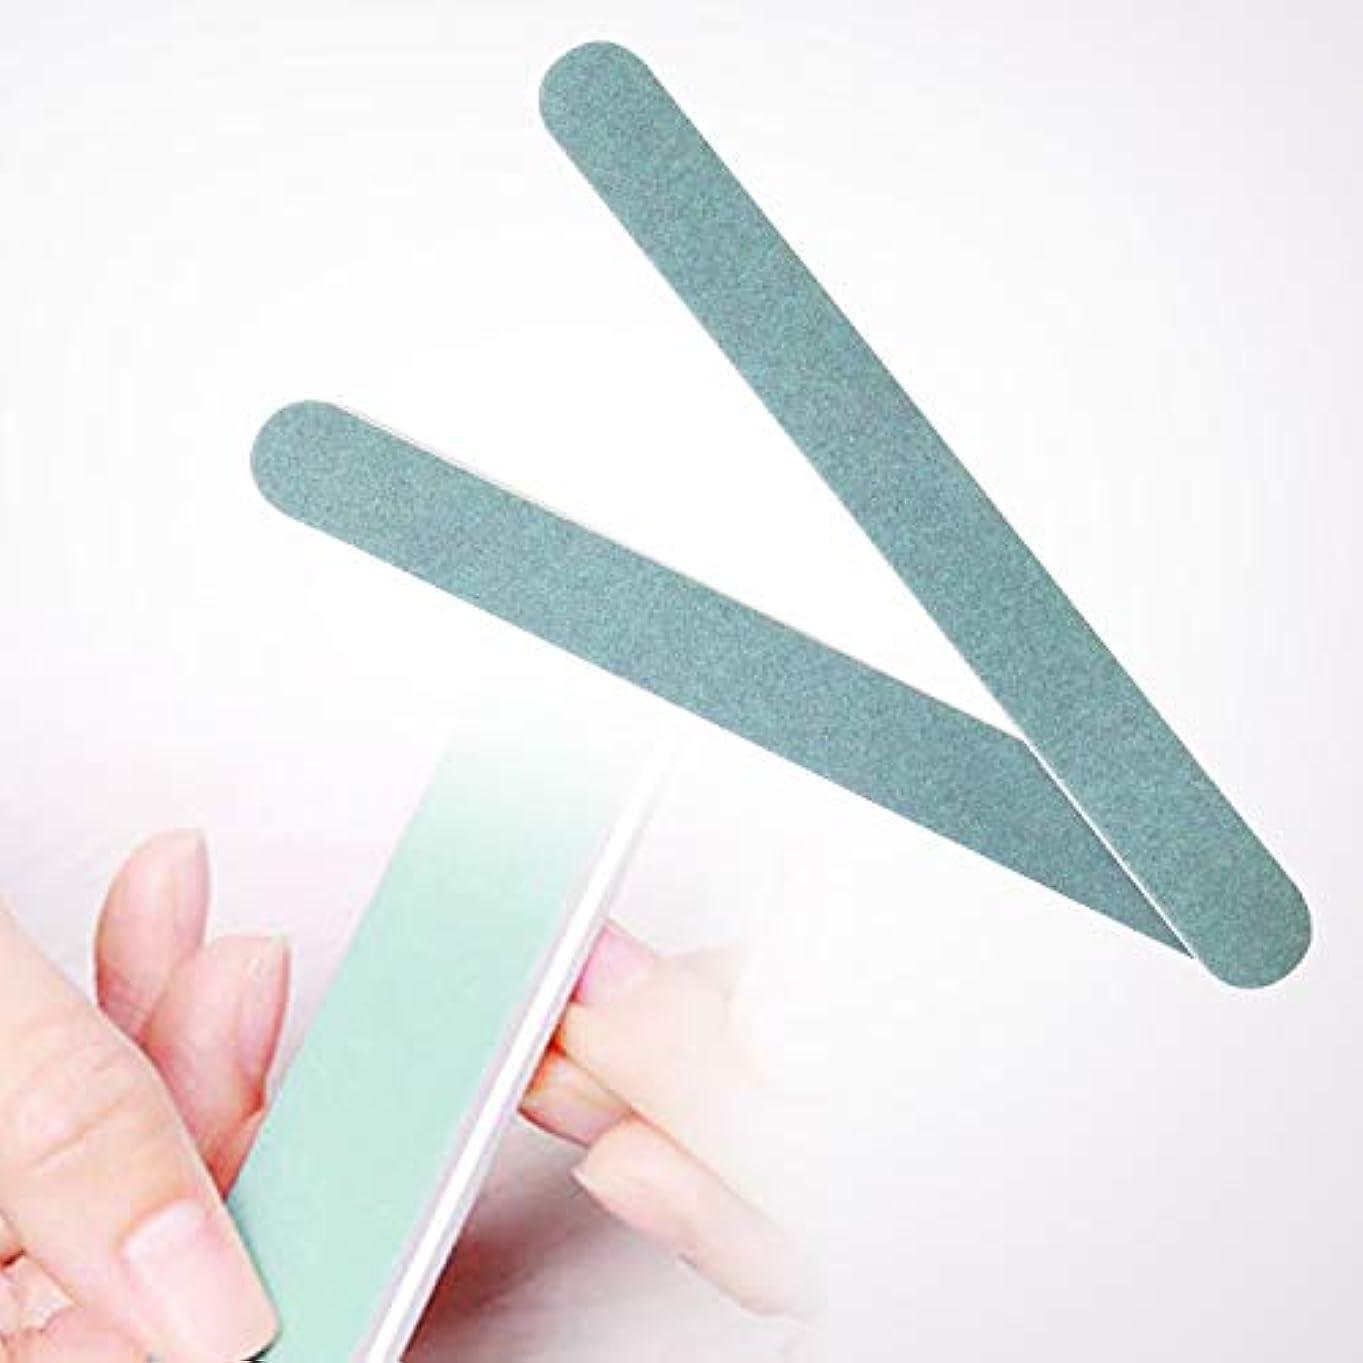 スコア出会いライブurlifeエリコネイル エメリーボード パーフェクトシャイン ネイルをつやつやにするスポンジネイルファイル 両面使えるマニキュアDIYのソフトファイル 爪磨き 爪に優しい爪やすり 2本入